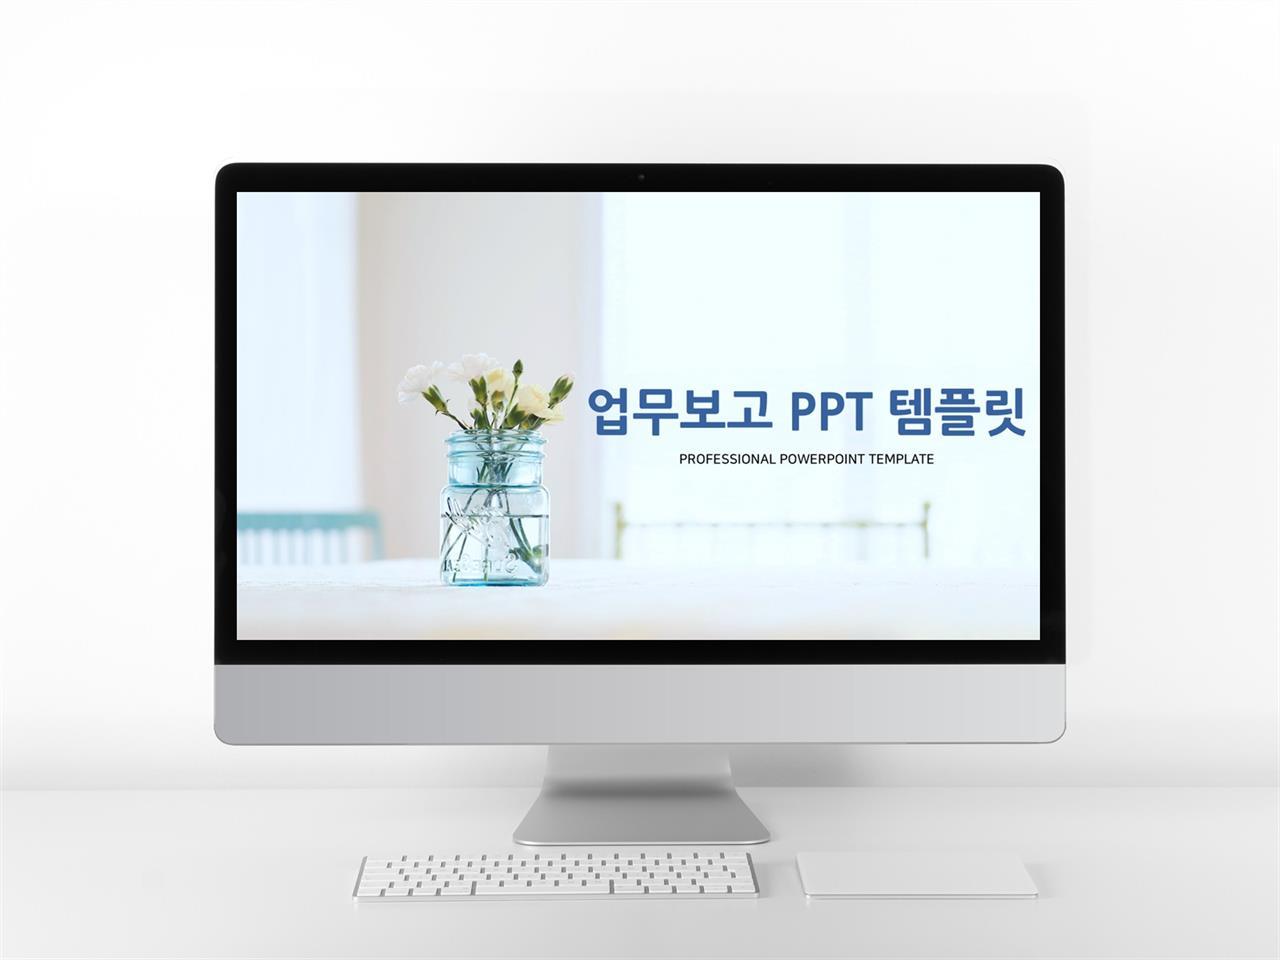 업무일지 하늘색 심플한 고급스럽운 POWERPOINT테마 사이트 미리보기